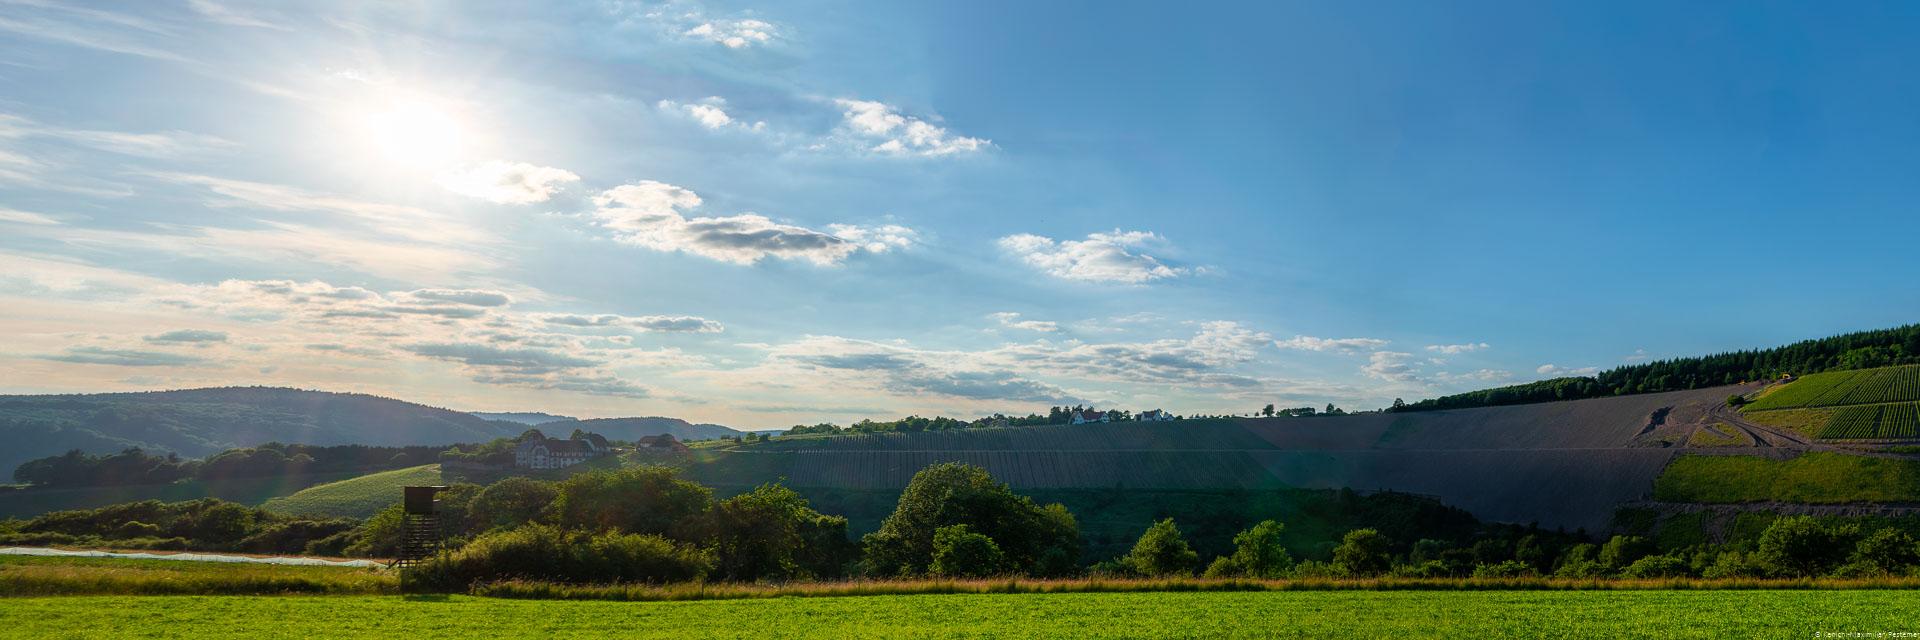 Vorne ist eine Wiese. Dahinter ist Wald. Dahinter liegt der WeinbergSerriger Schloß Saarsteiner Schloßberg mit Weingut und einigen Häuser; Sonne und einige Häuser am Himmel mit Wolken.